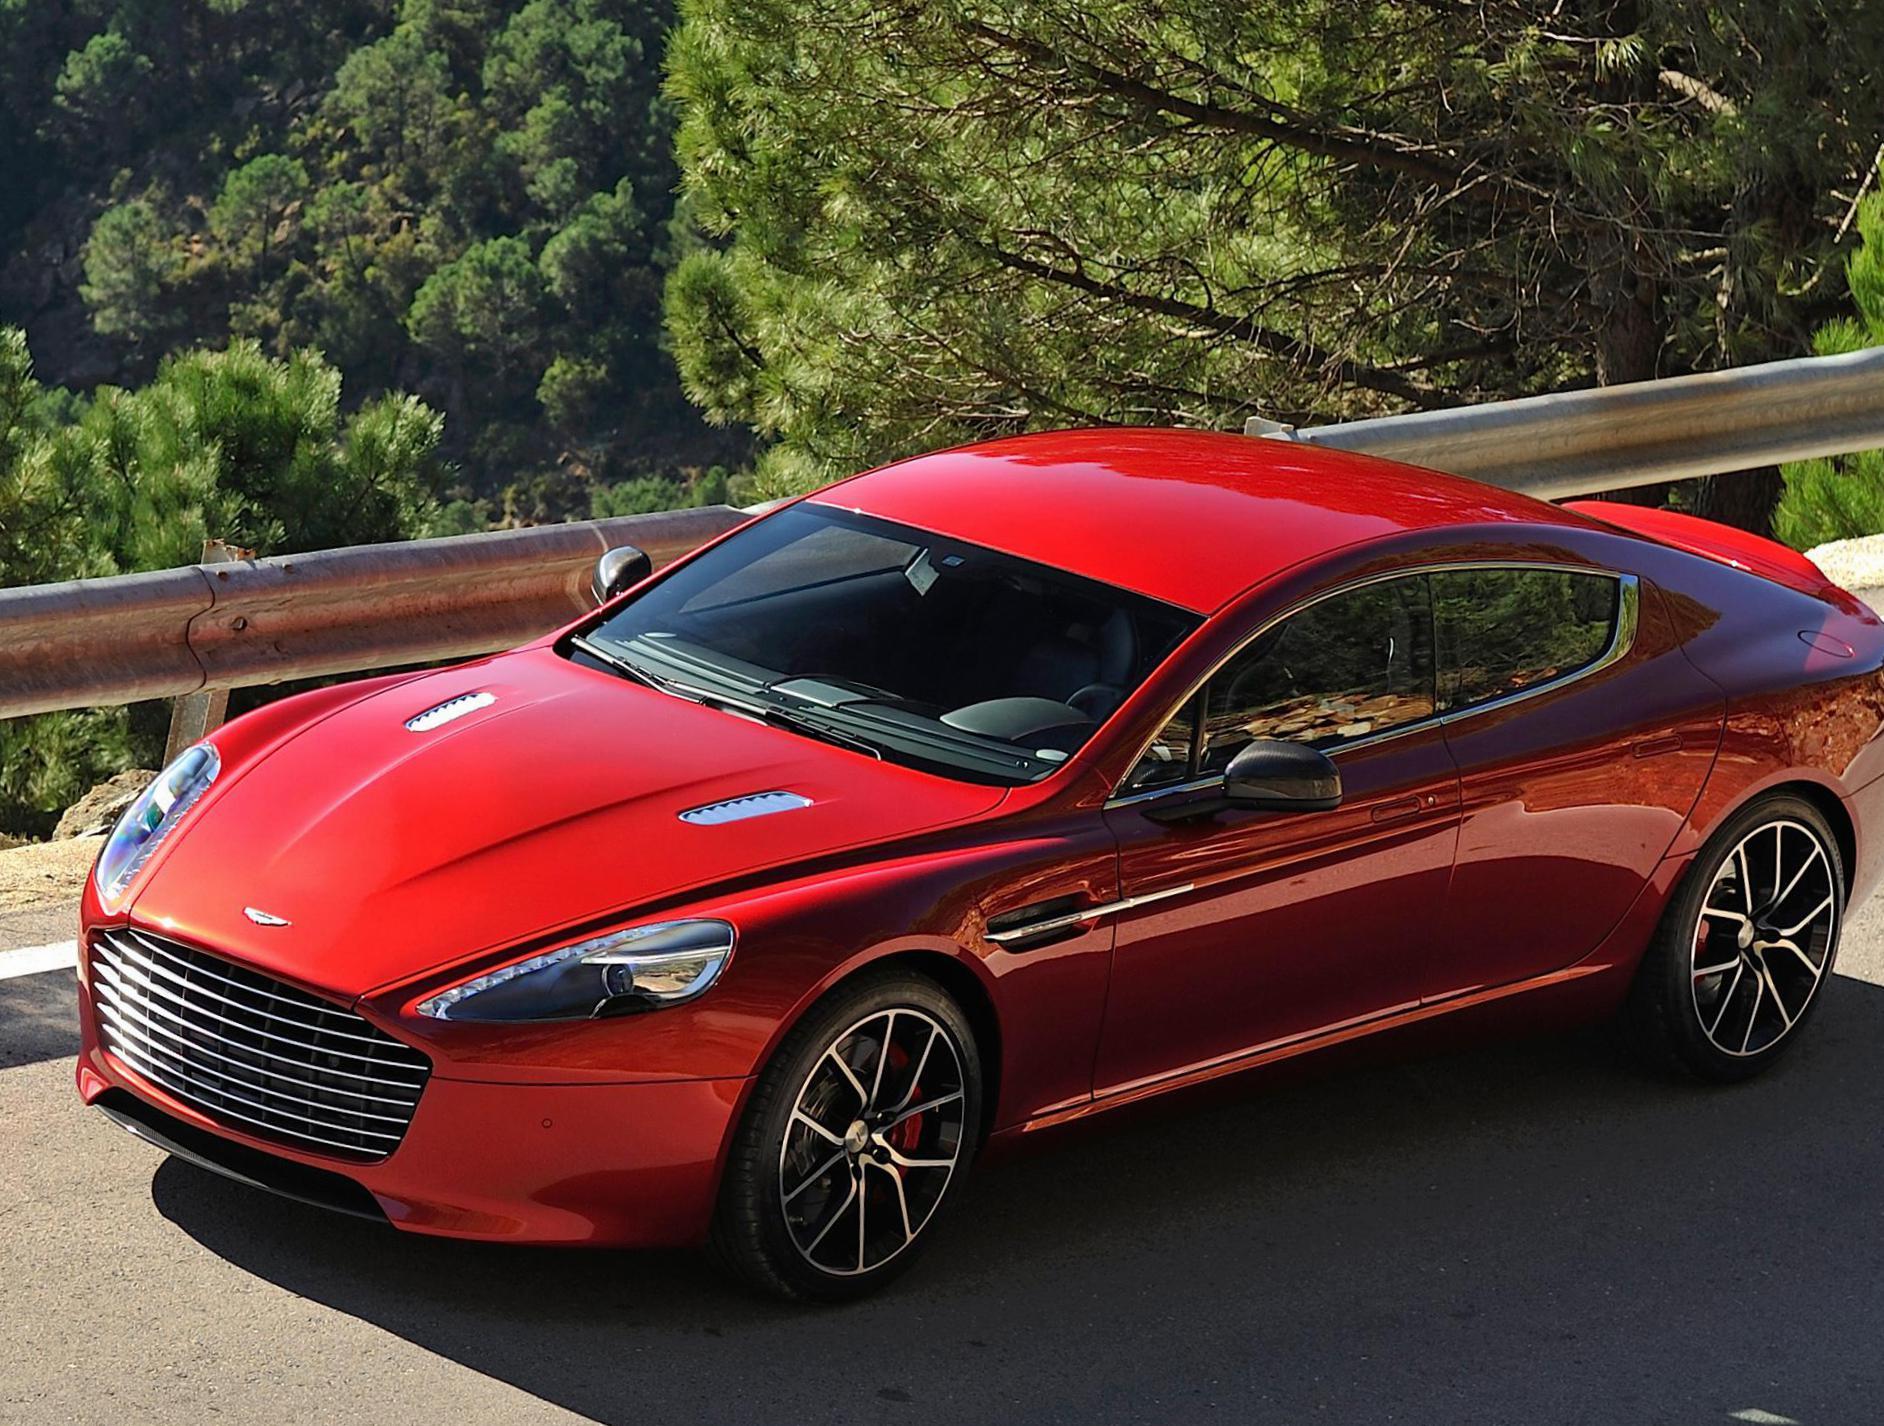 Aston Martin Rapide S Photos And Specs Photo Rapide S Aston Martin - Aston martin price